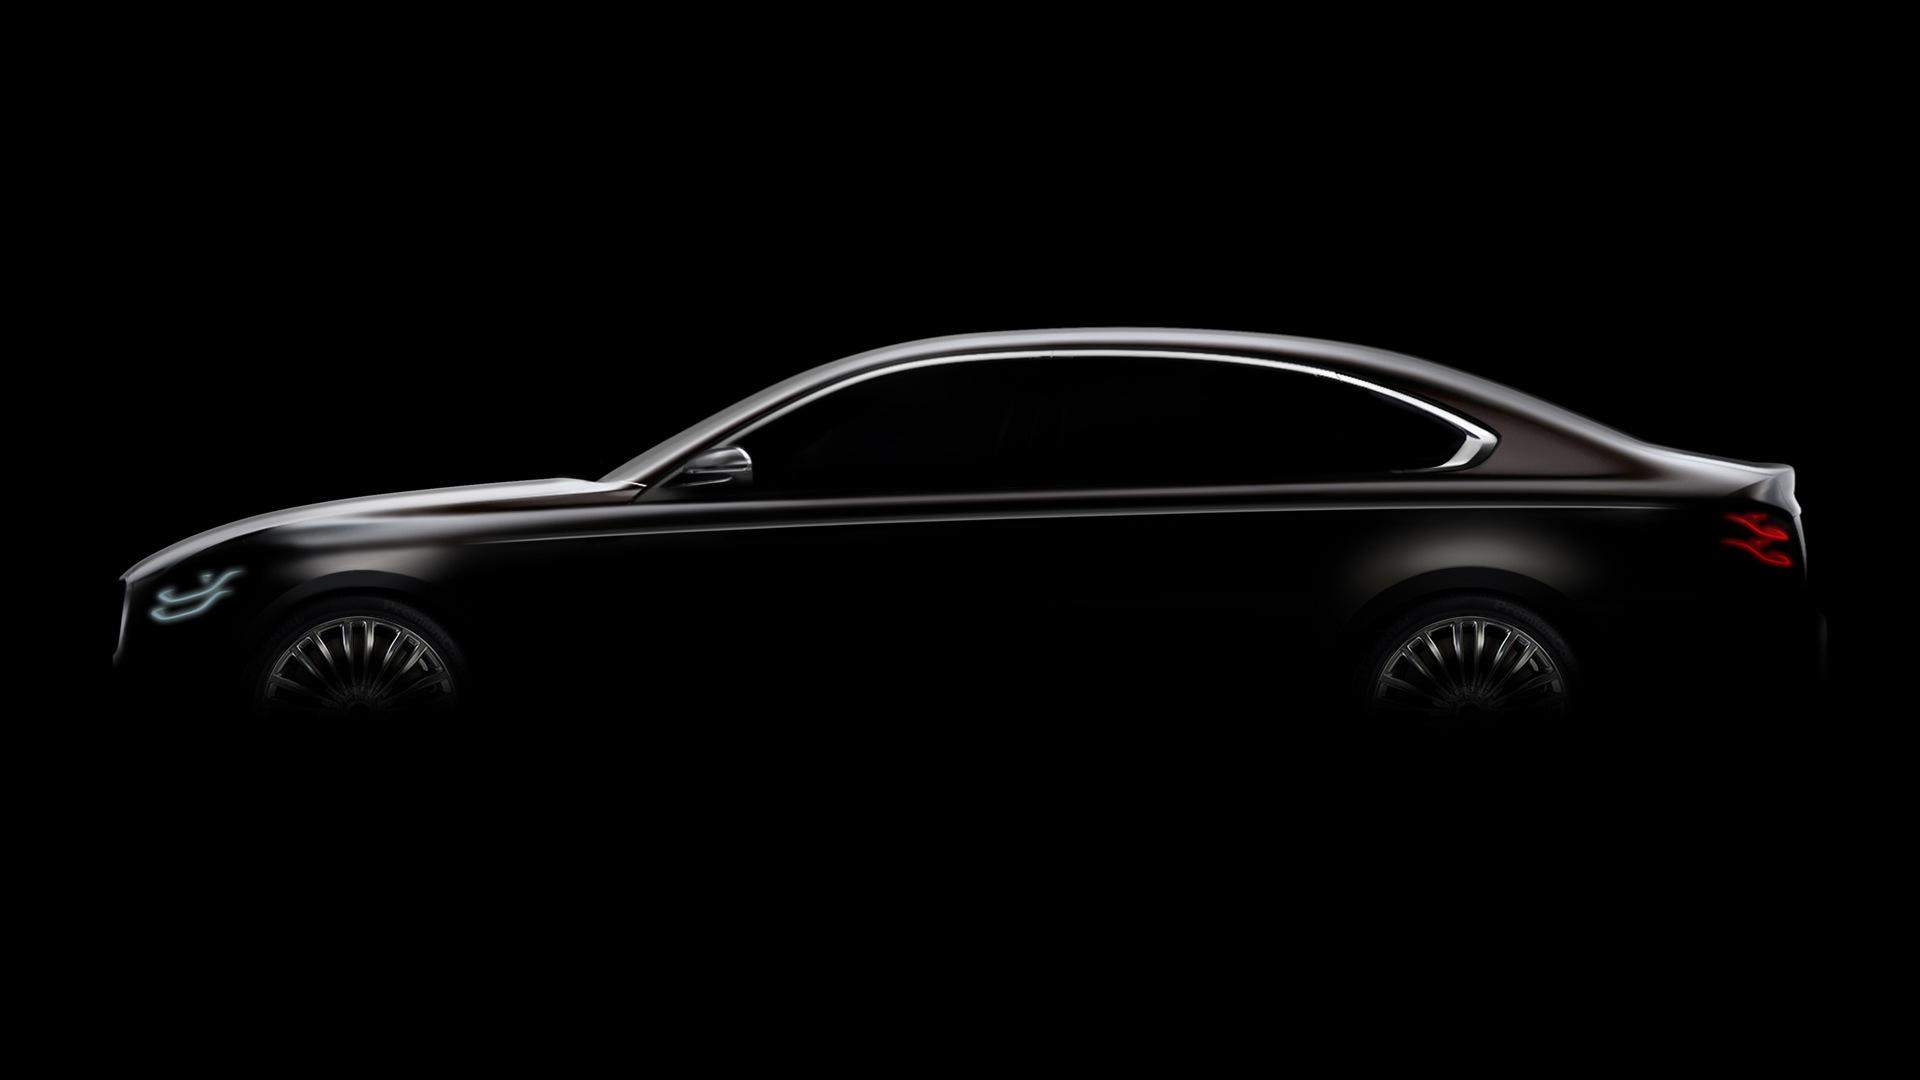 Teaser for 2019 Kia K900